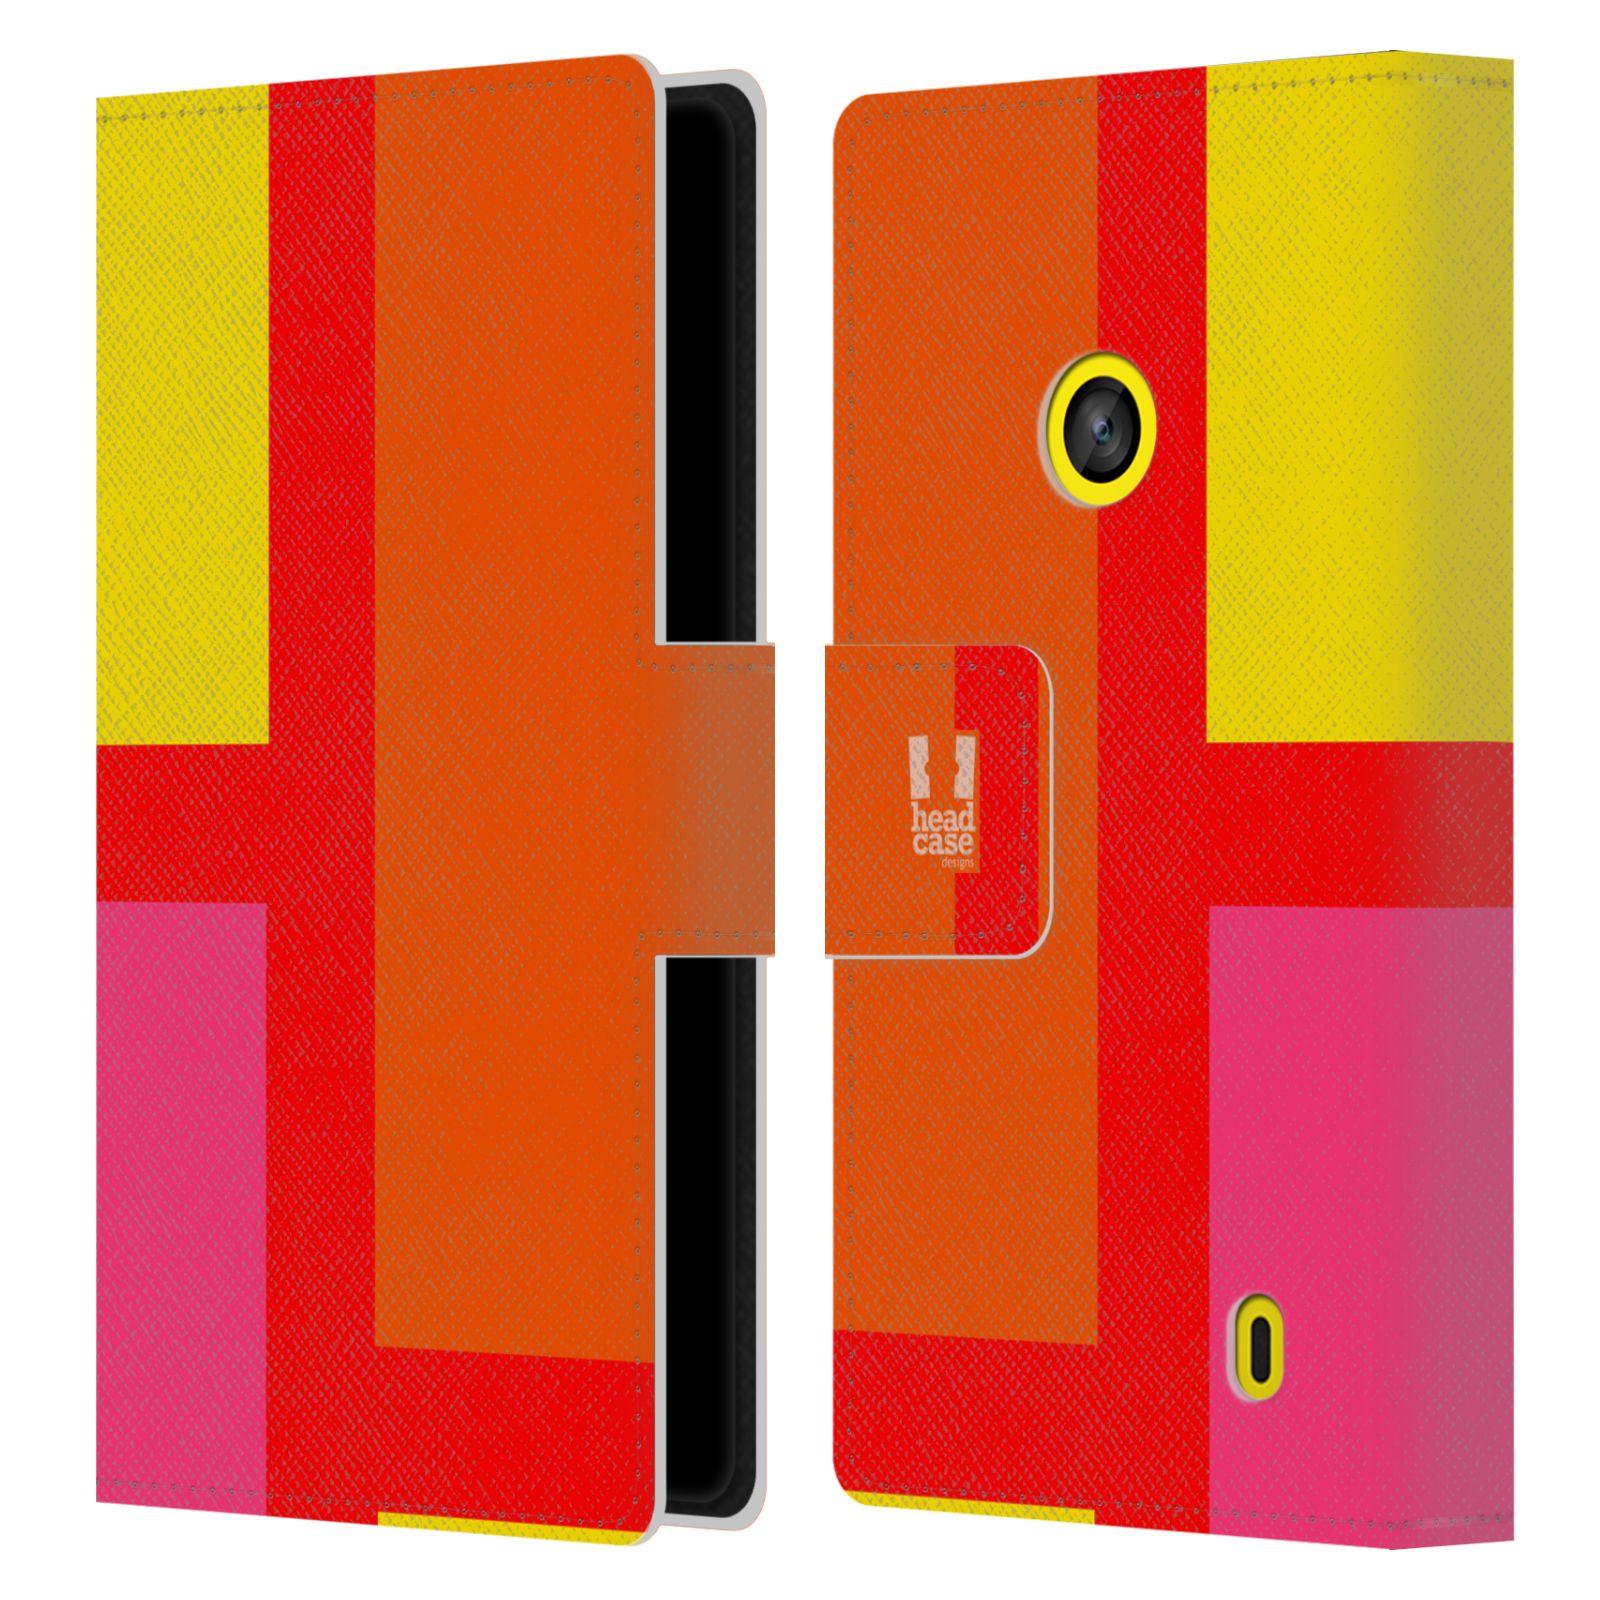 HEAD CASE Flipové pouzdro pro mobil Nokia LUMIA 520/525 barevné tvary oranžová ulice